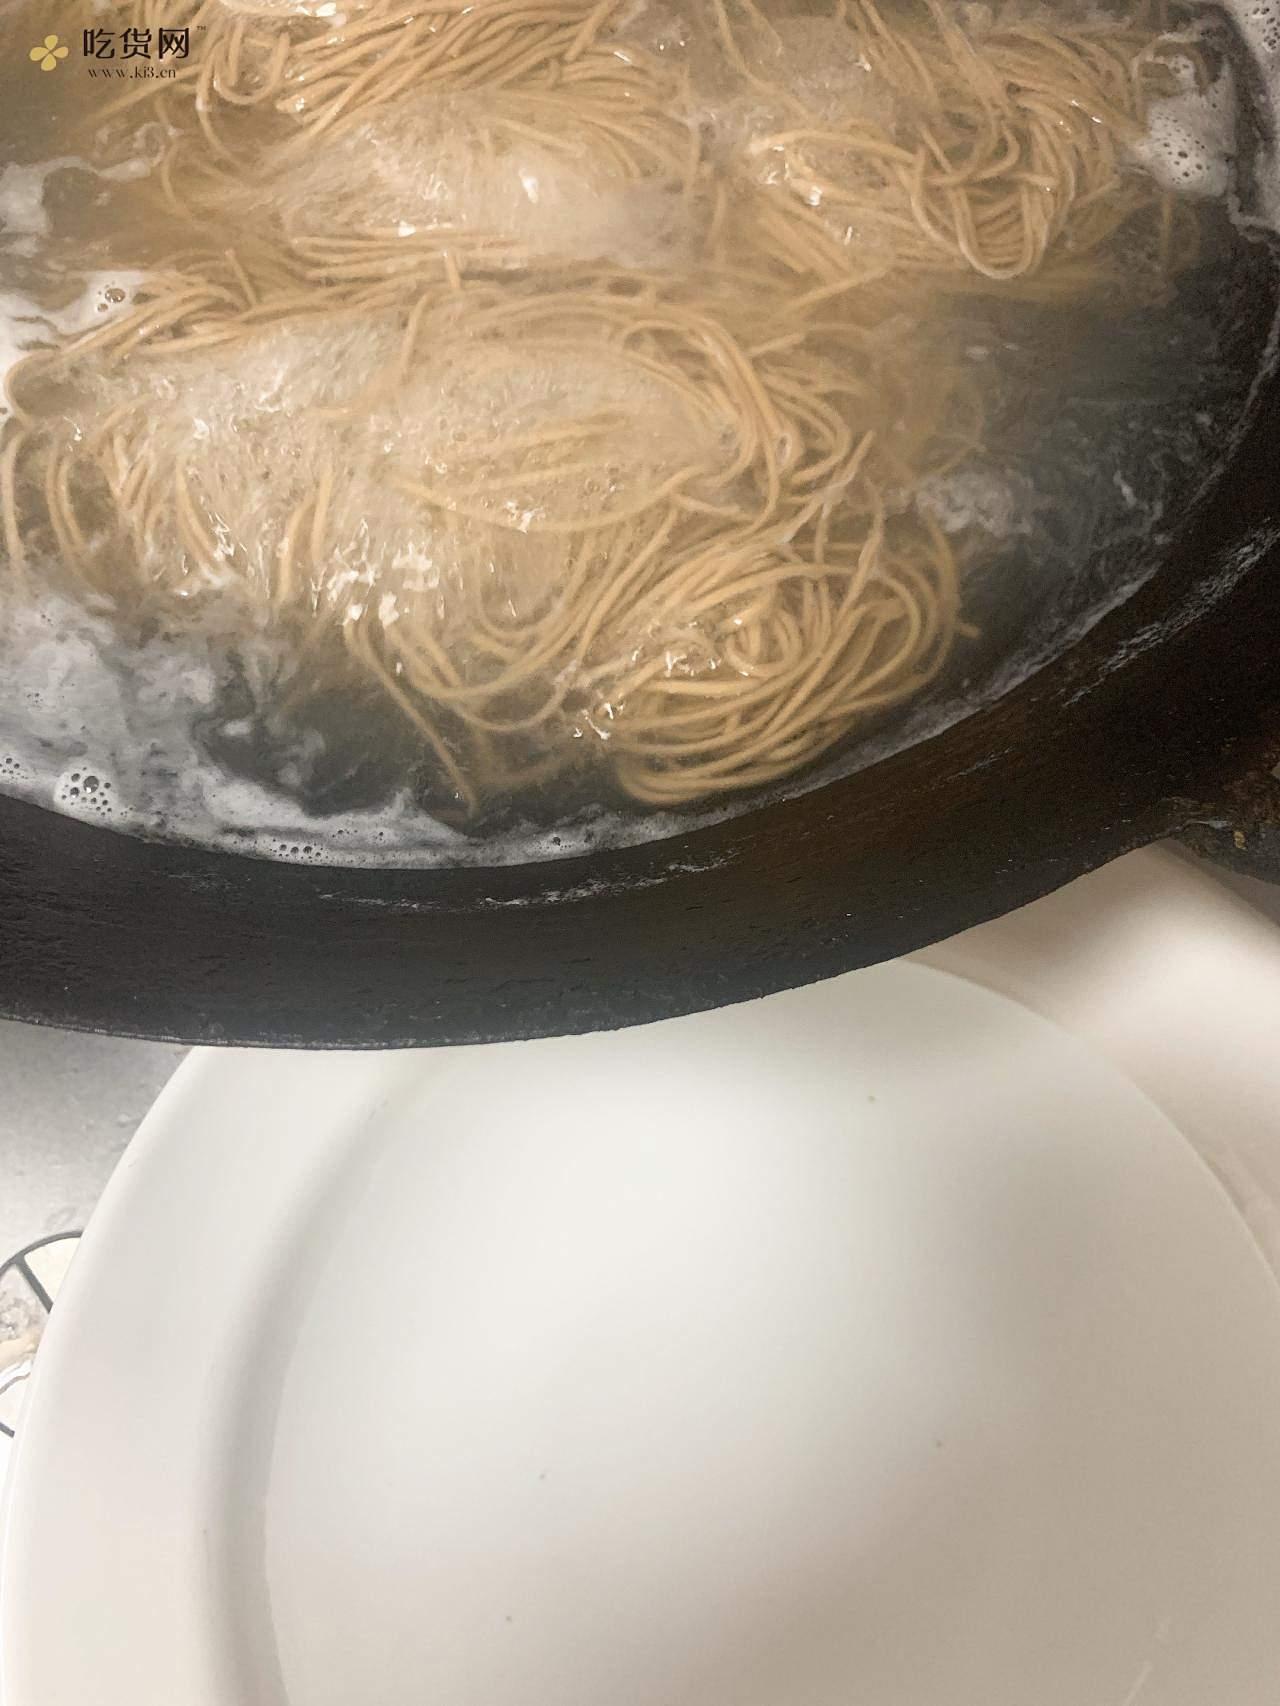 鸡丝荞麦凉面(减脂餐)的做法 步骤8